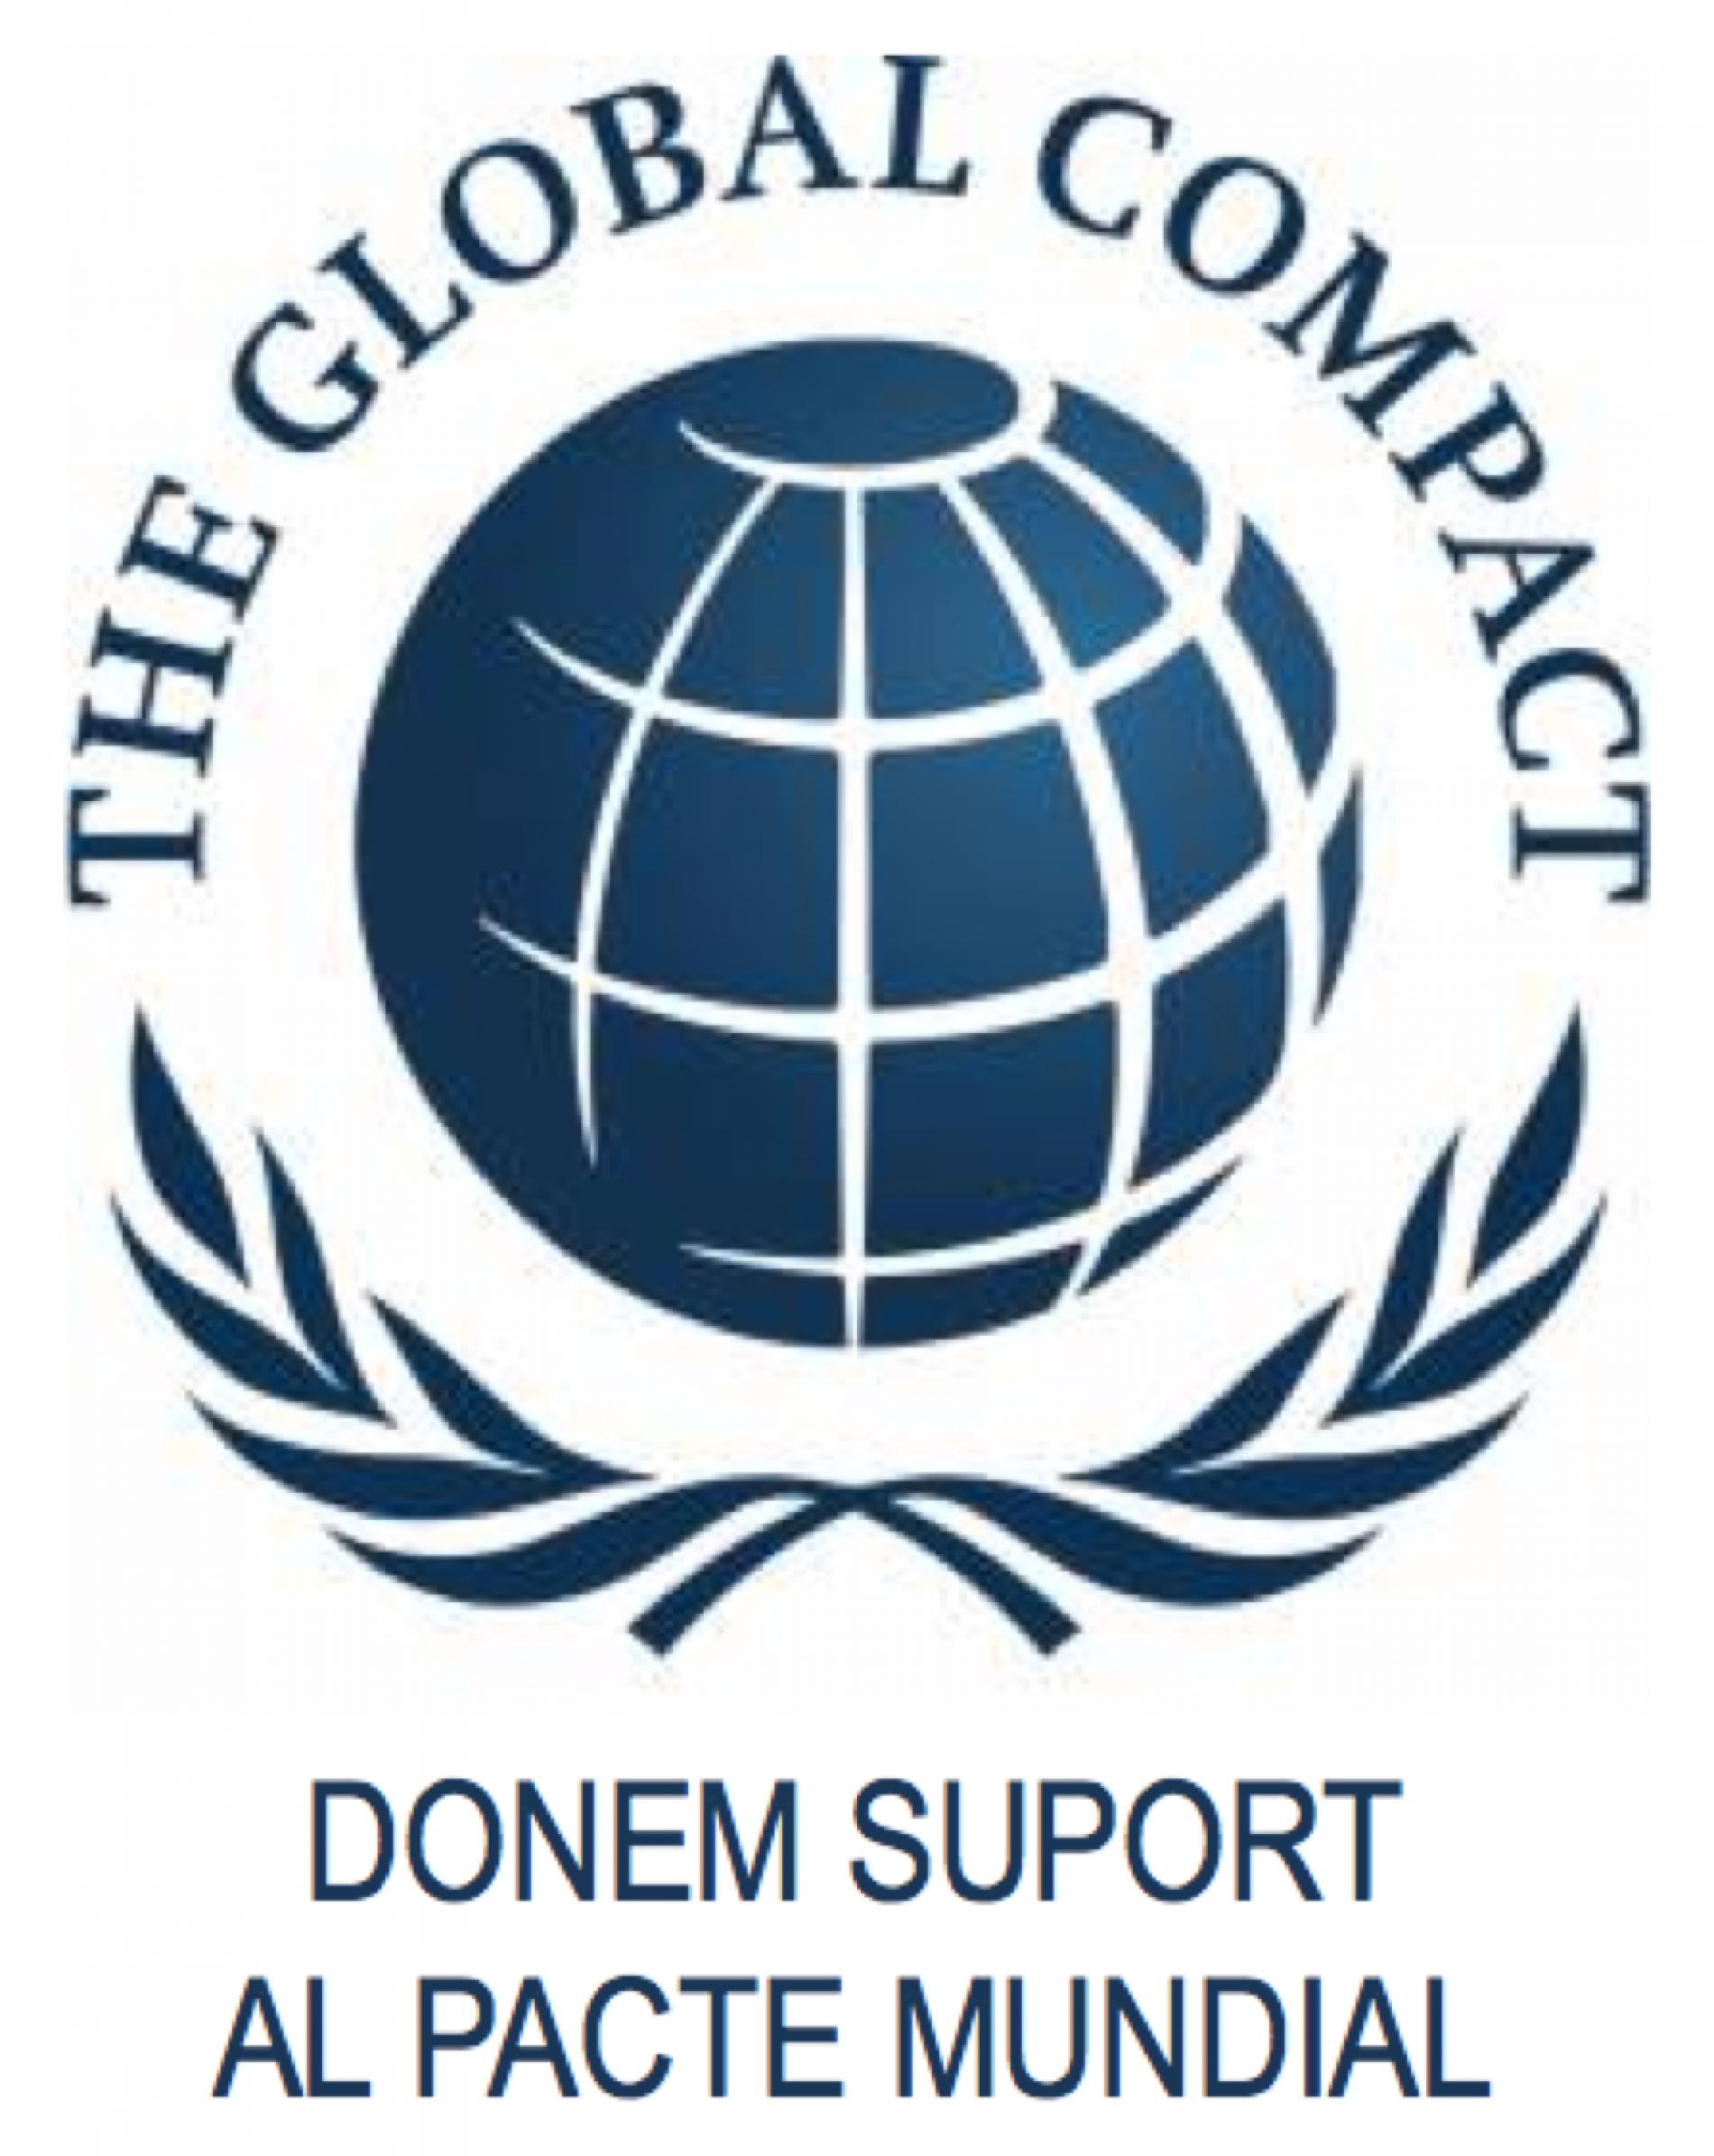 Respon.cat publica la comunicació als grups d'interès sobre el compromís amb els Principis del Pacte Mundial